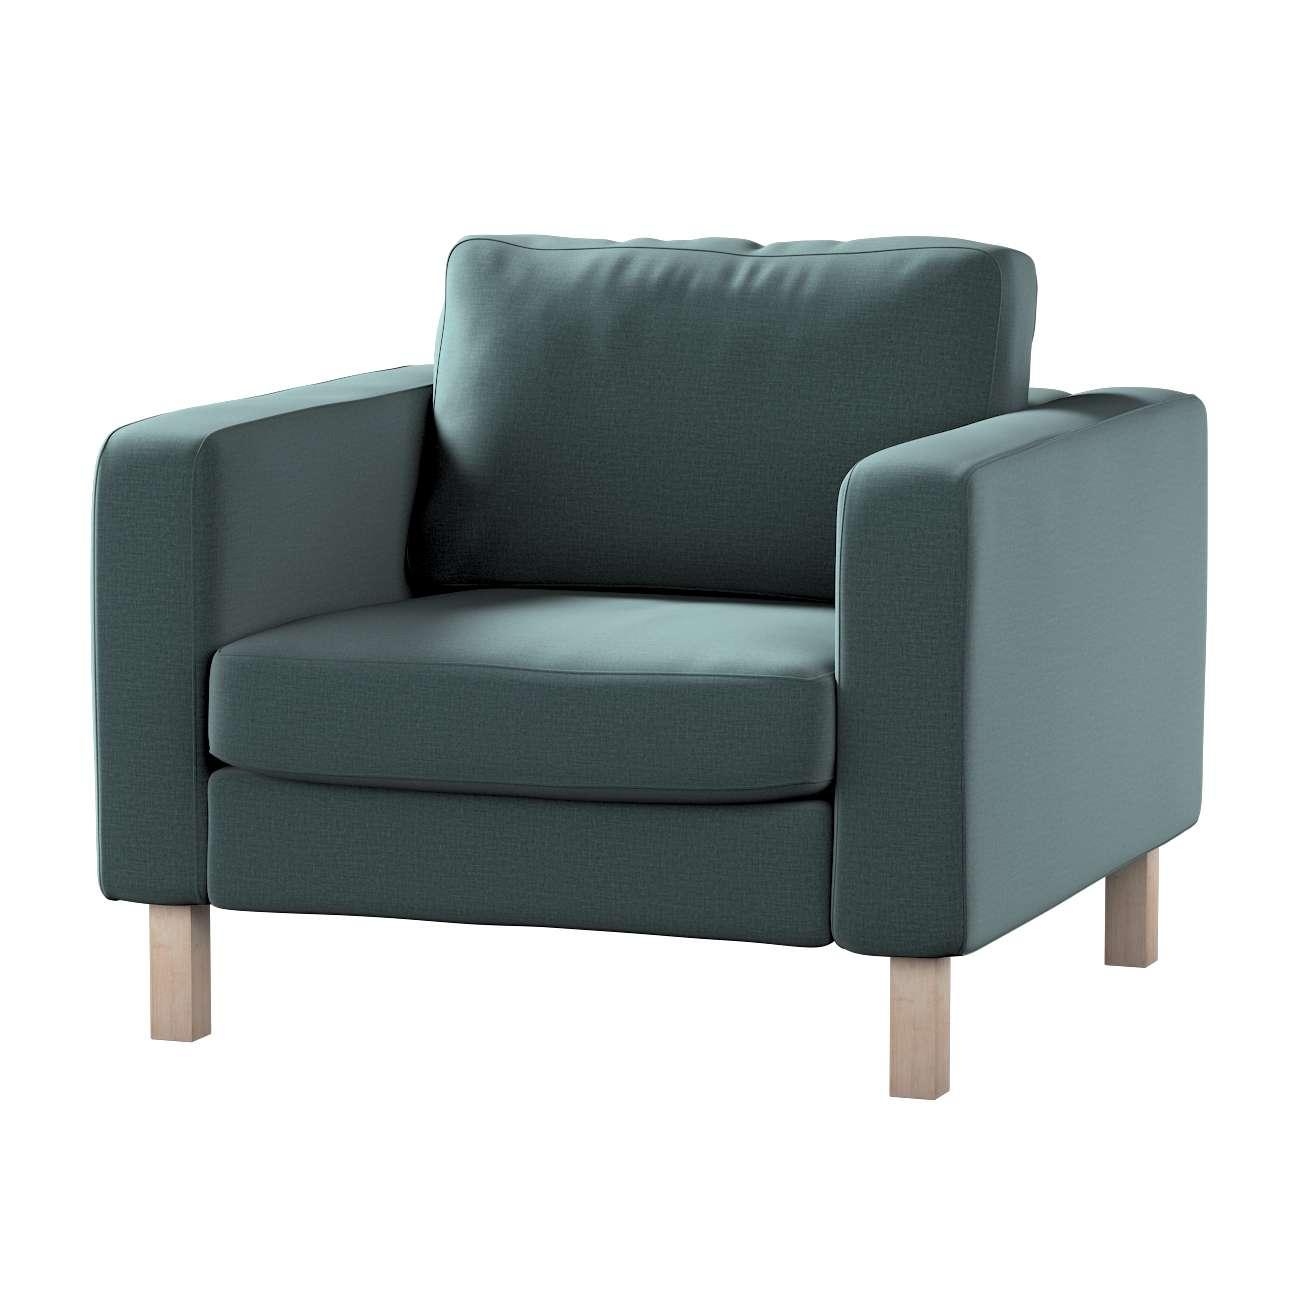 Pokrowiec na fotel Karlstad, krótki w kolekcji Ingrid, tkanina: 705-36